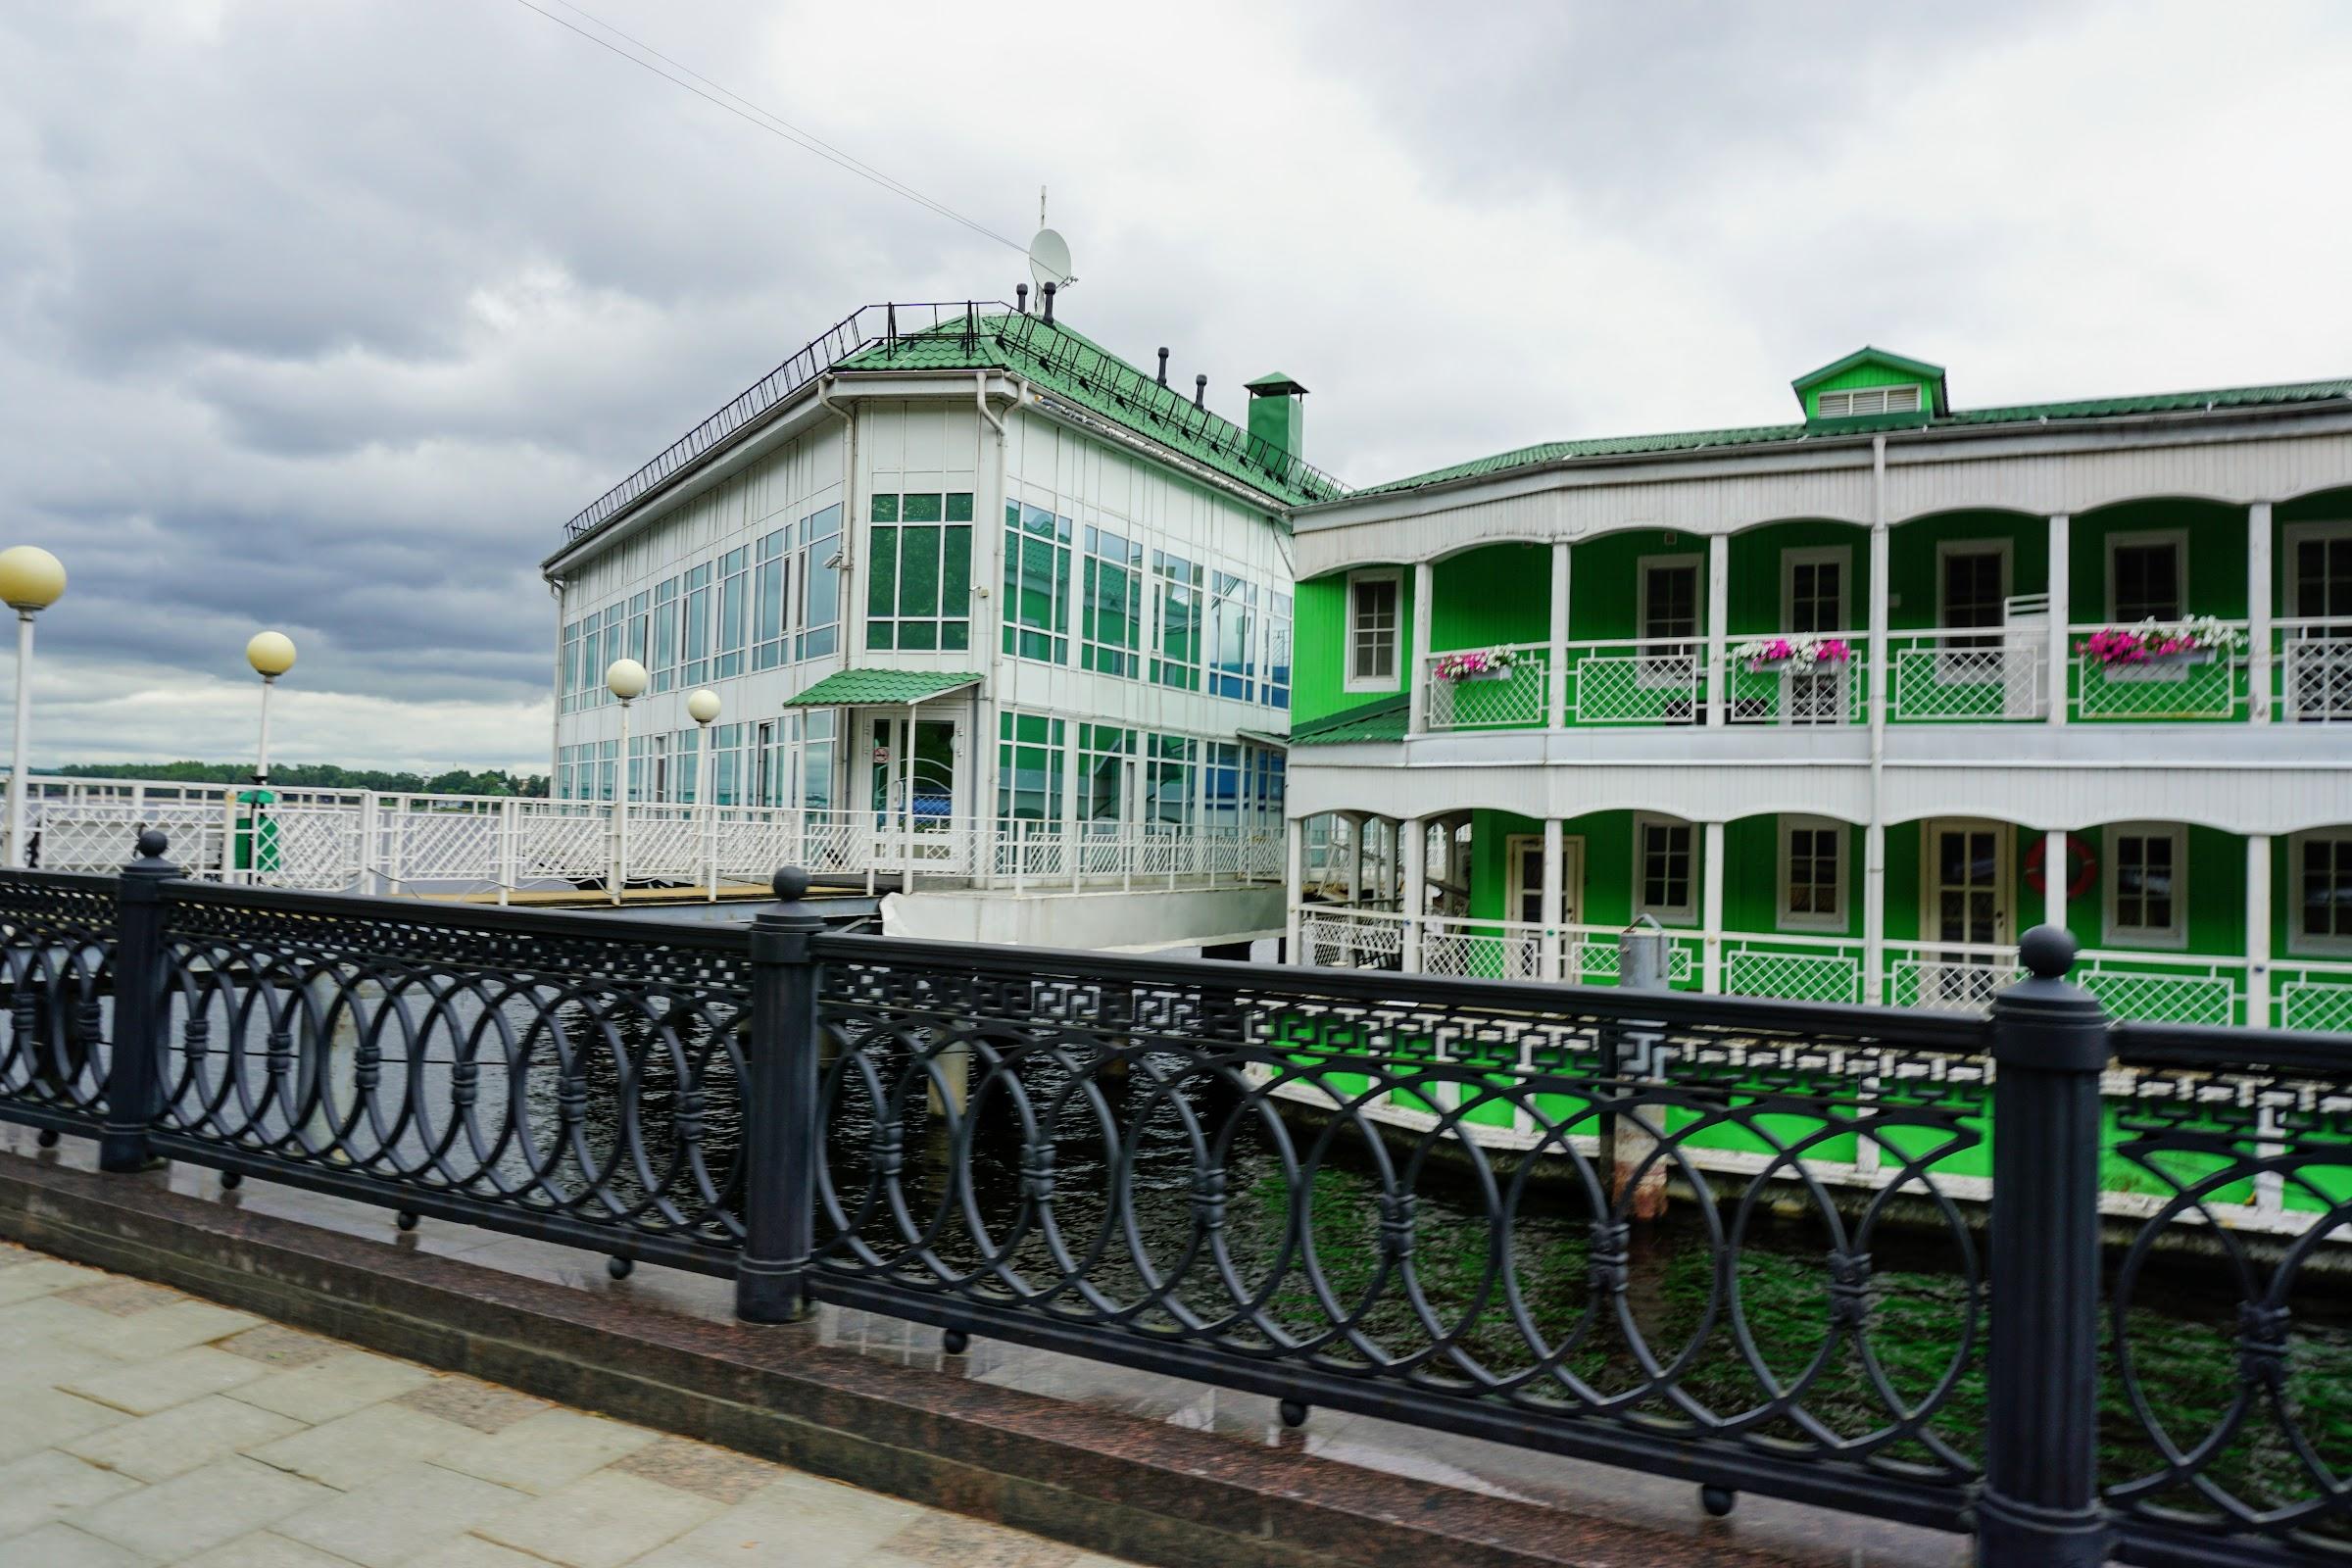 Ярославль - Яхта виртуальной реальности